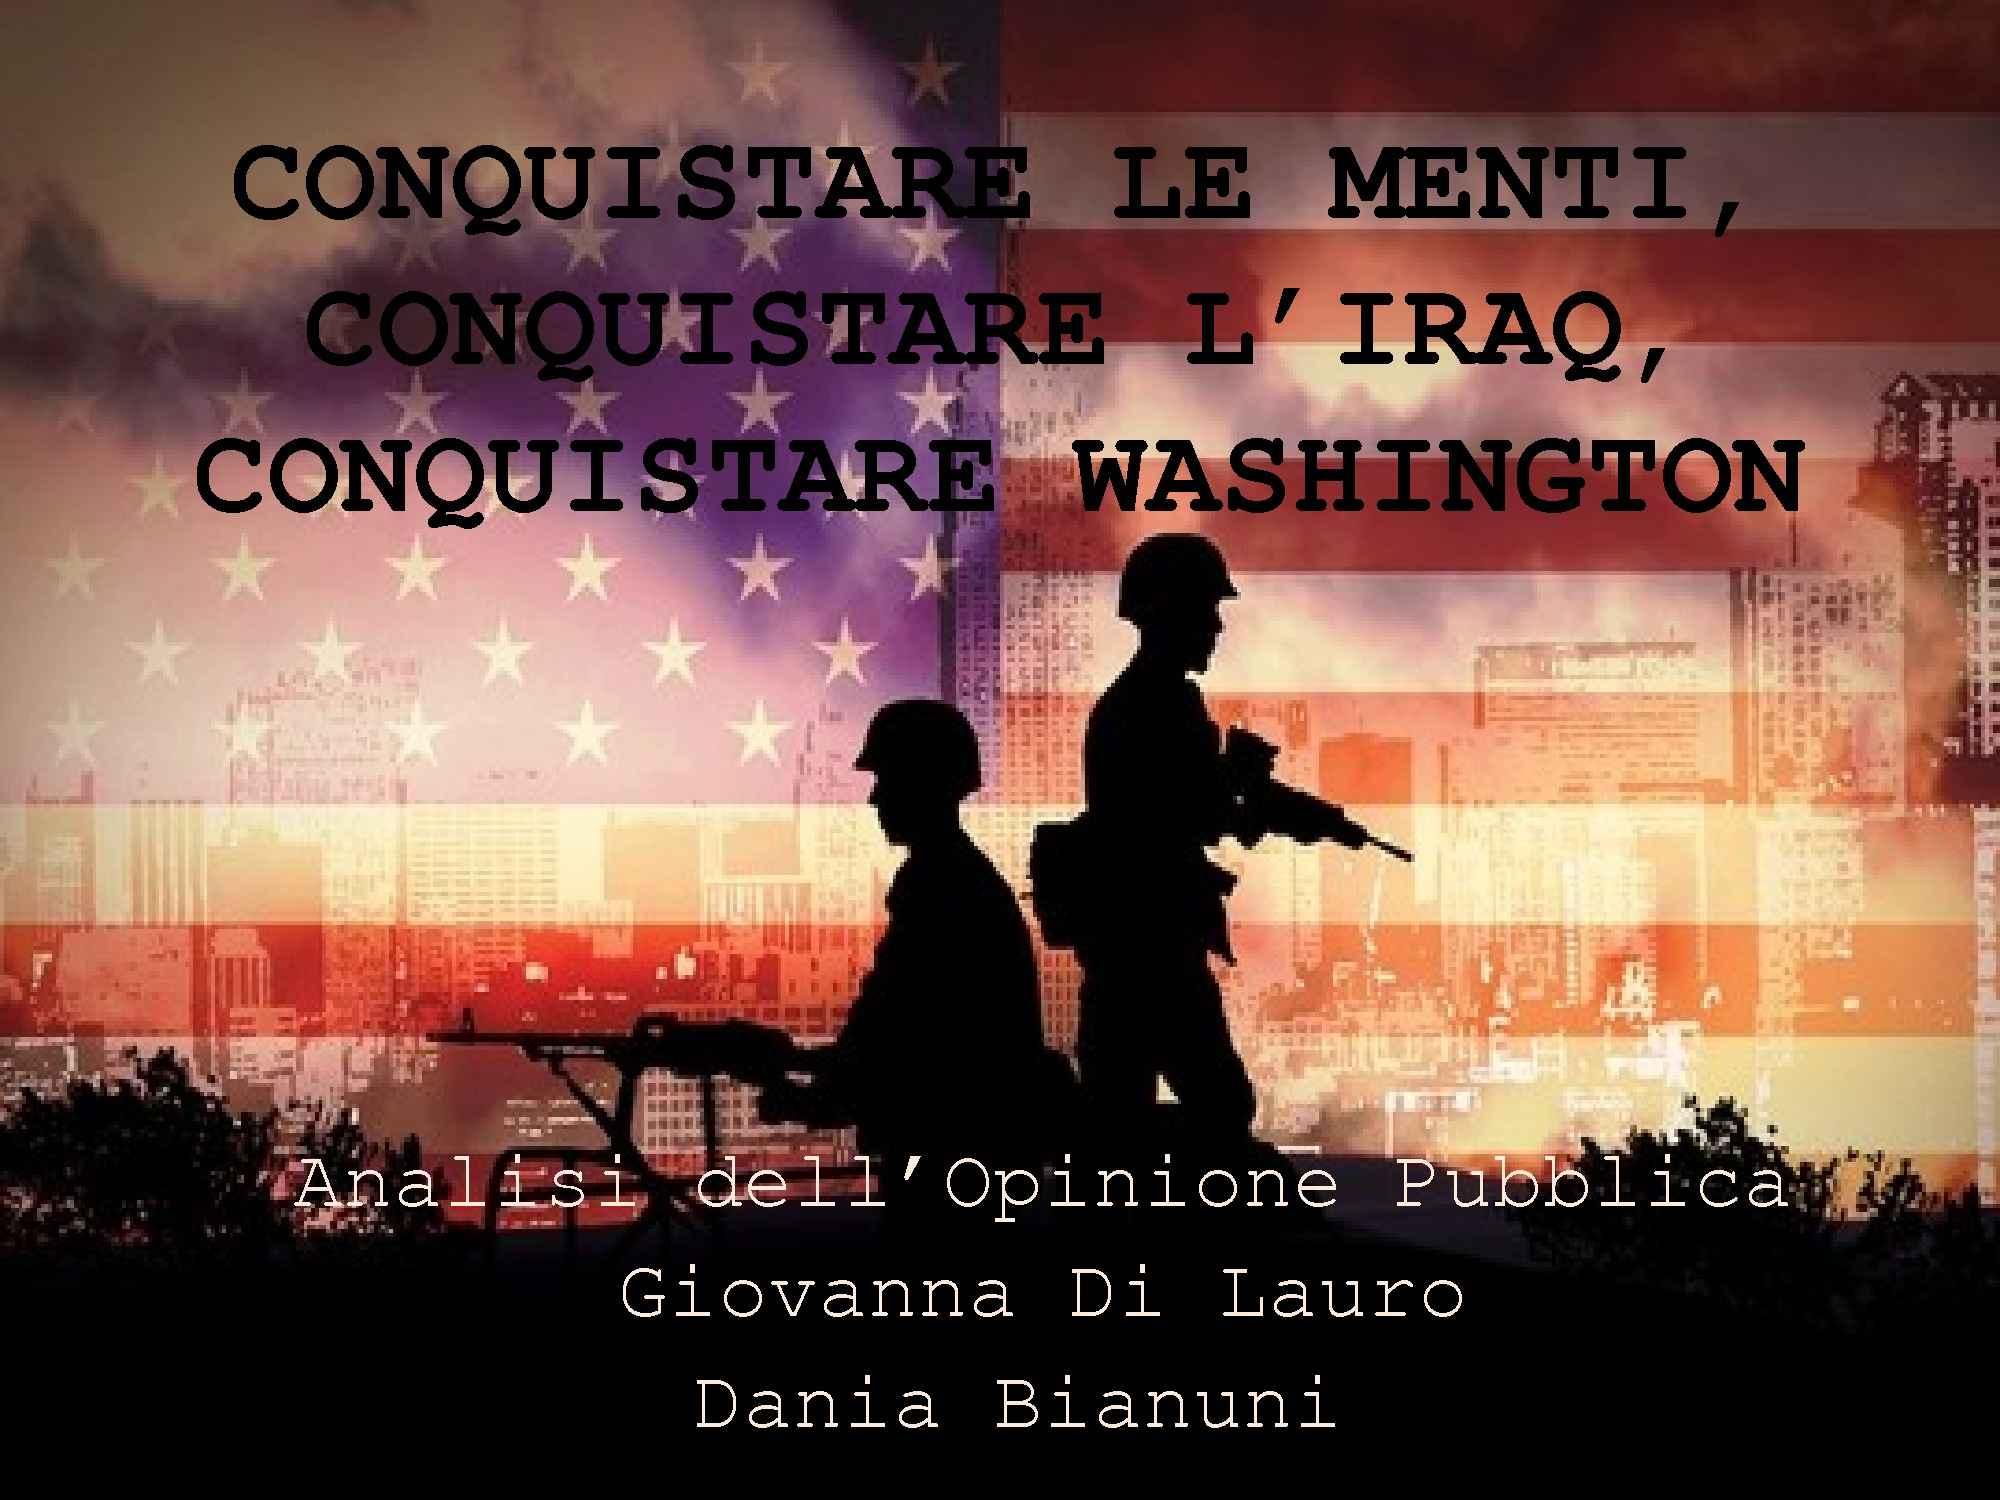 Conquistare le menti, conquistare l'Iraq - Di Lauro, Bianuni